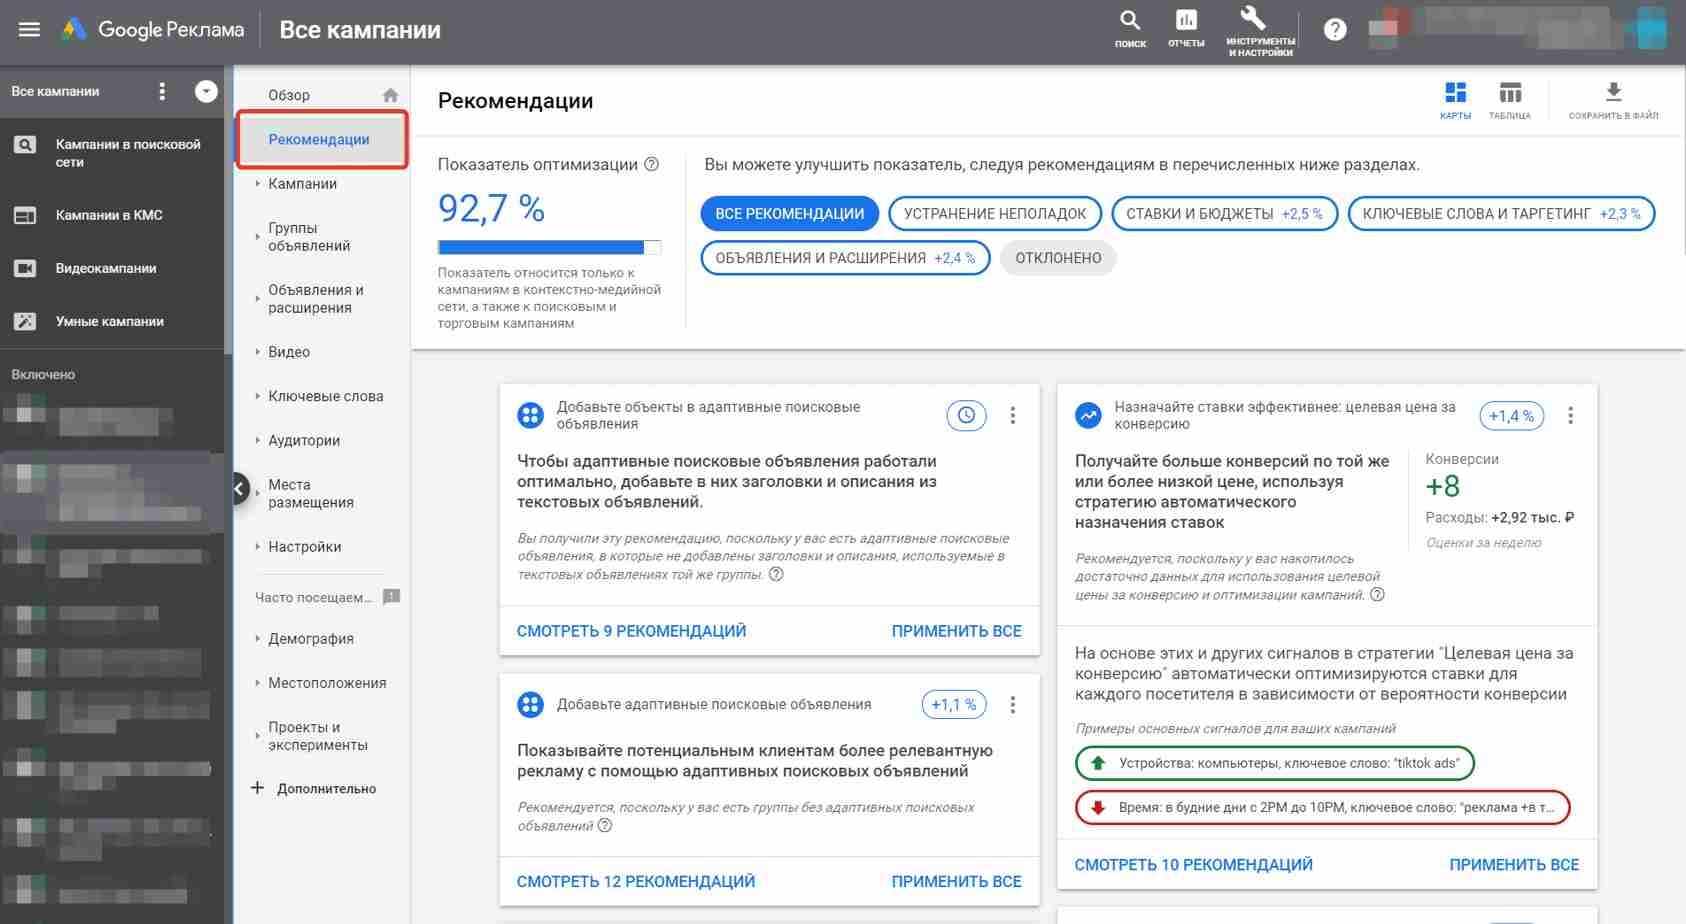 Google Ads рекомендации и показатели оптимизации для кампаний и аккаунта